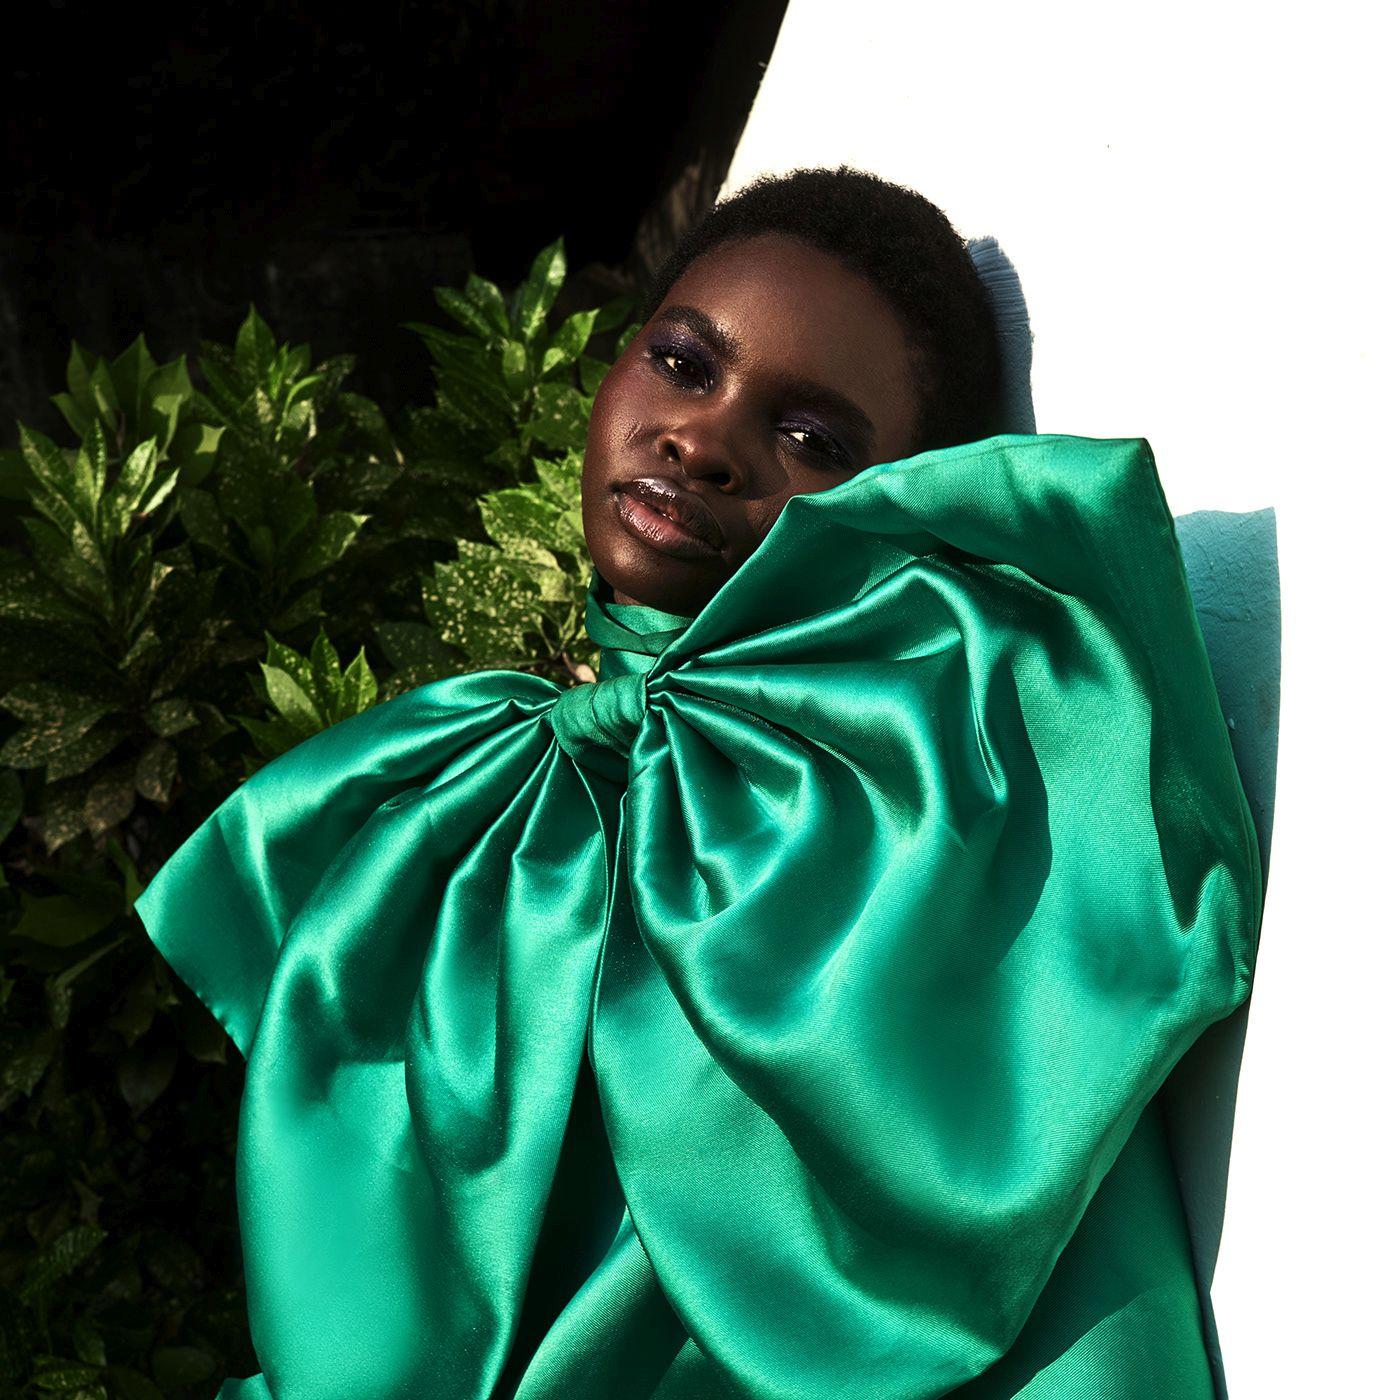 alluring fashion photography mayowa aworo by ejionueme ngozi